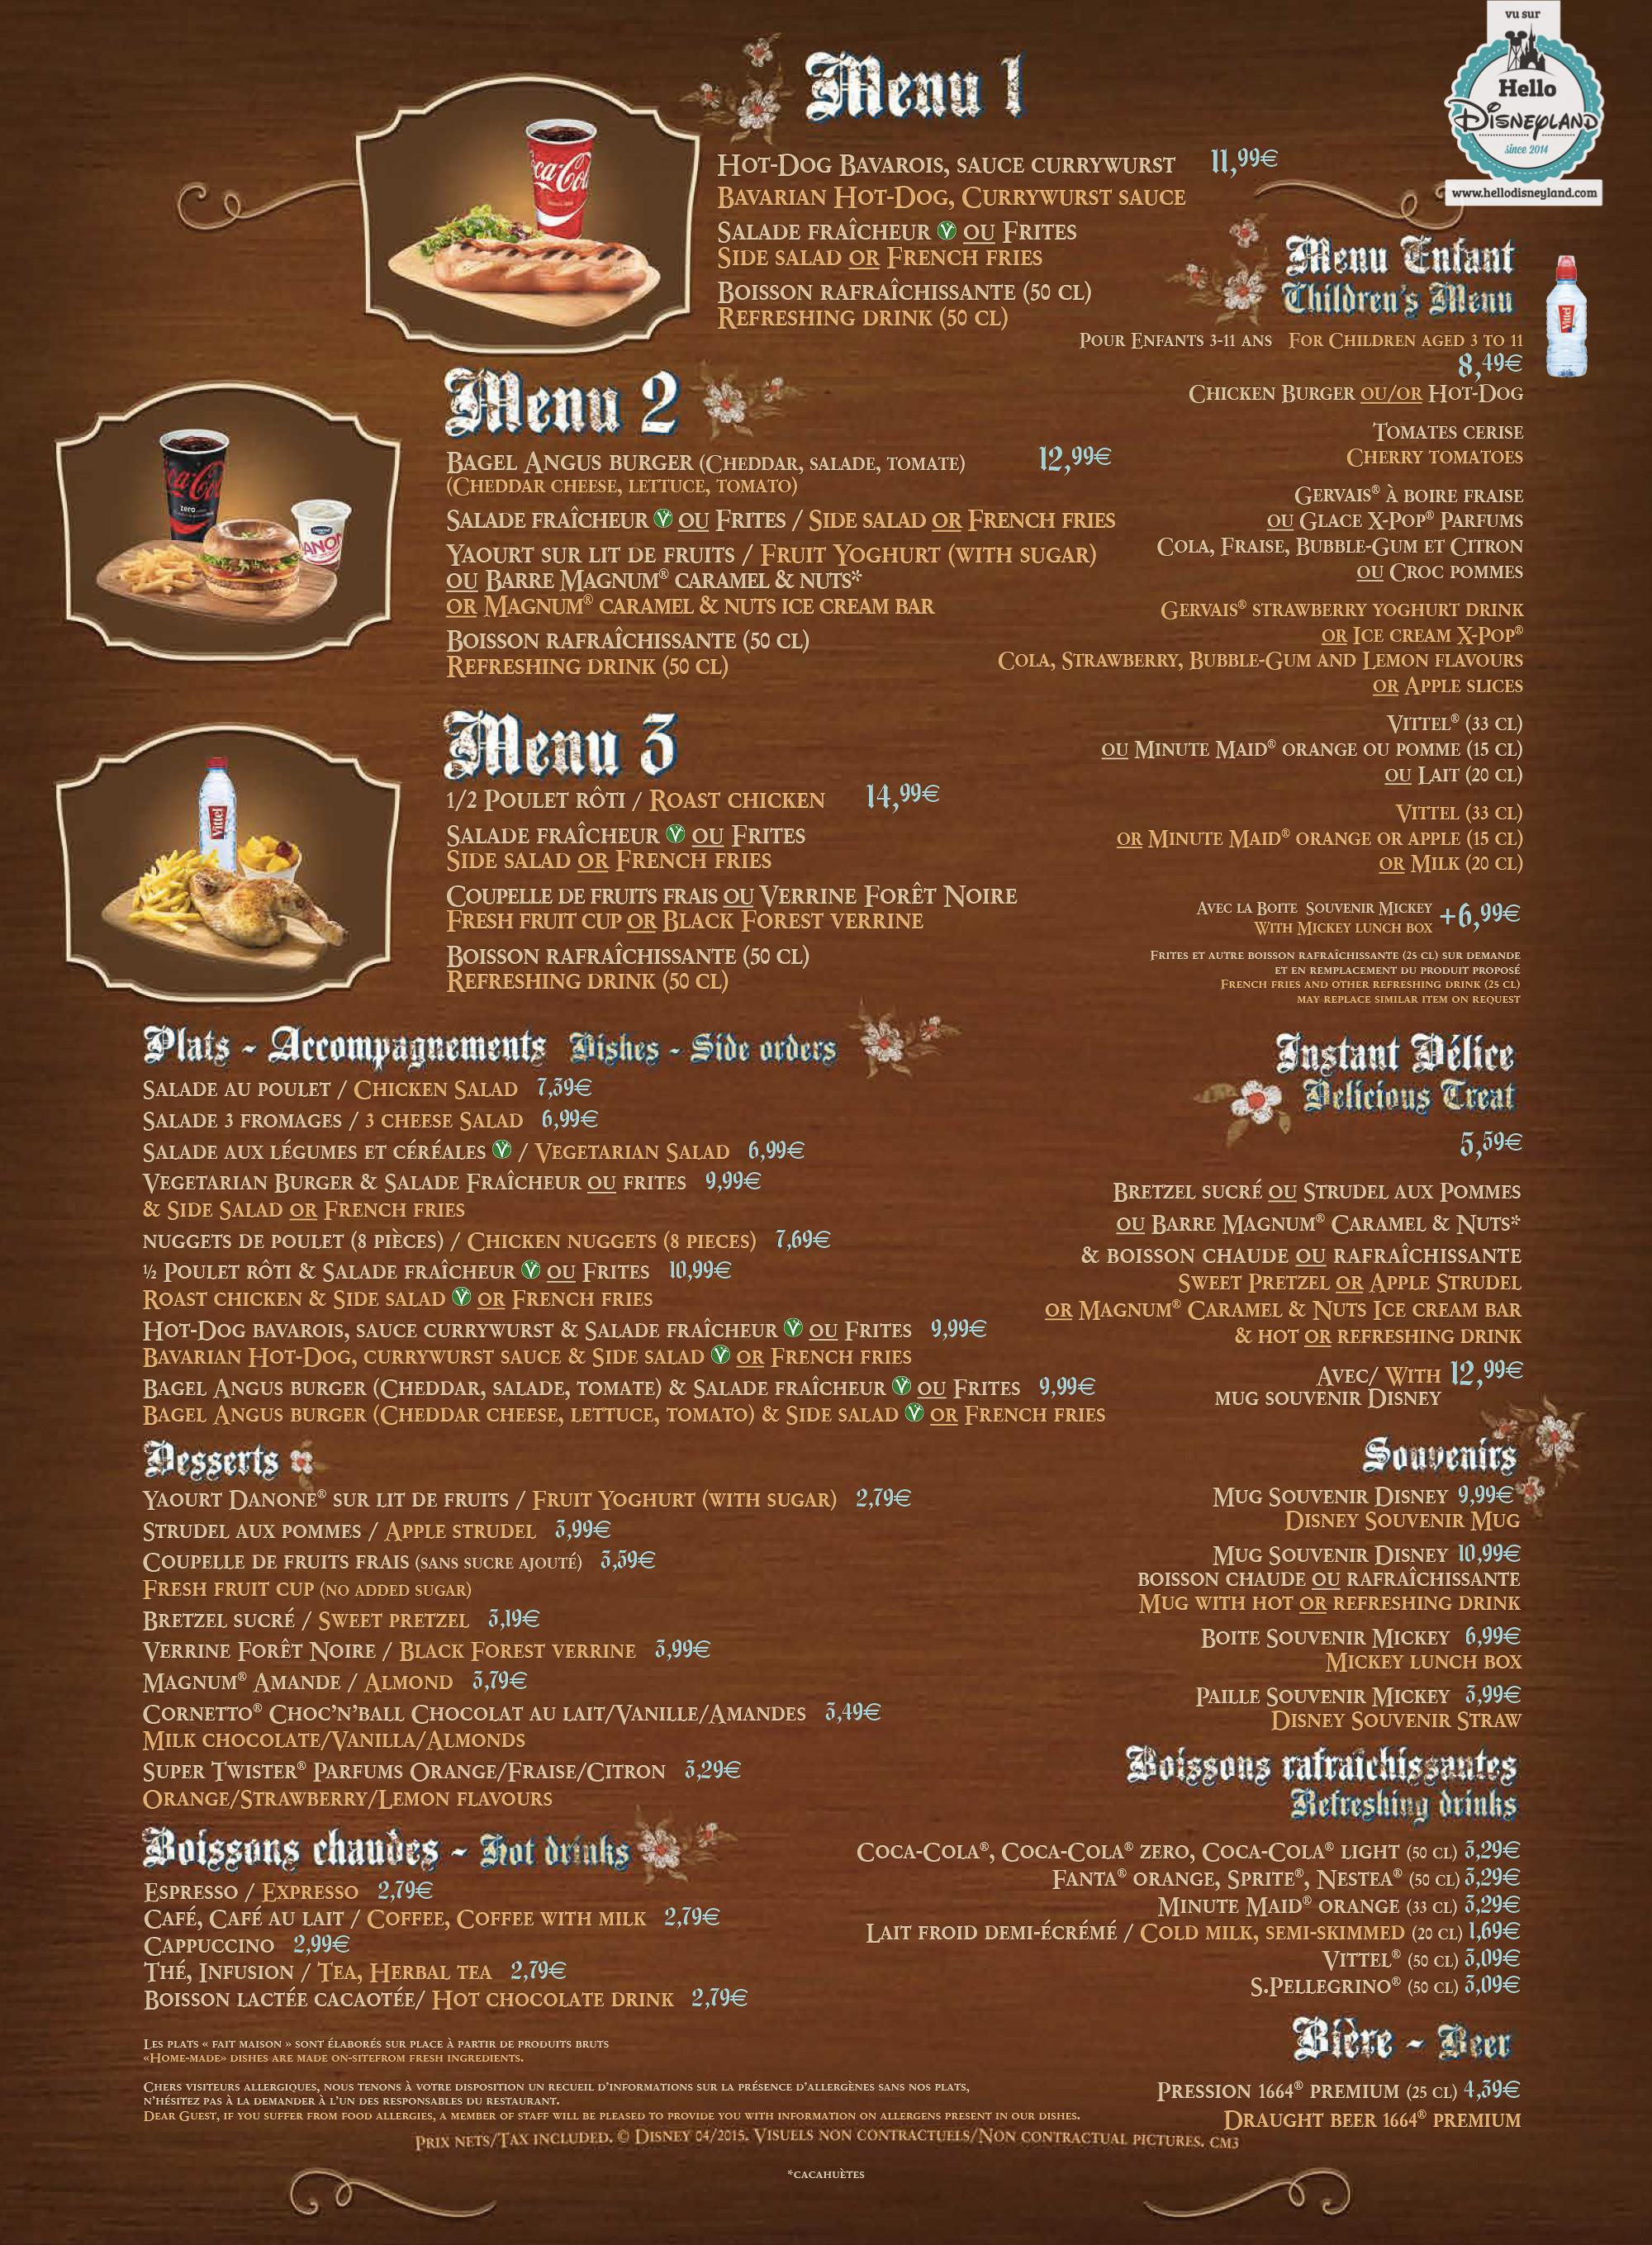 les menus des fast food et restauration rapide  u00e0 disneyland paris